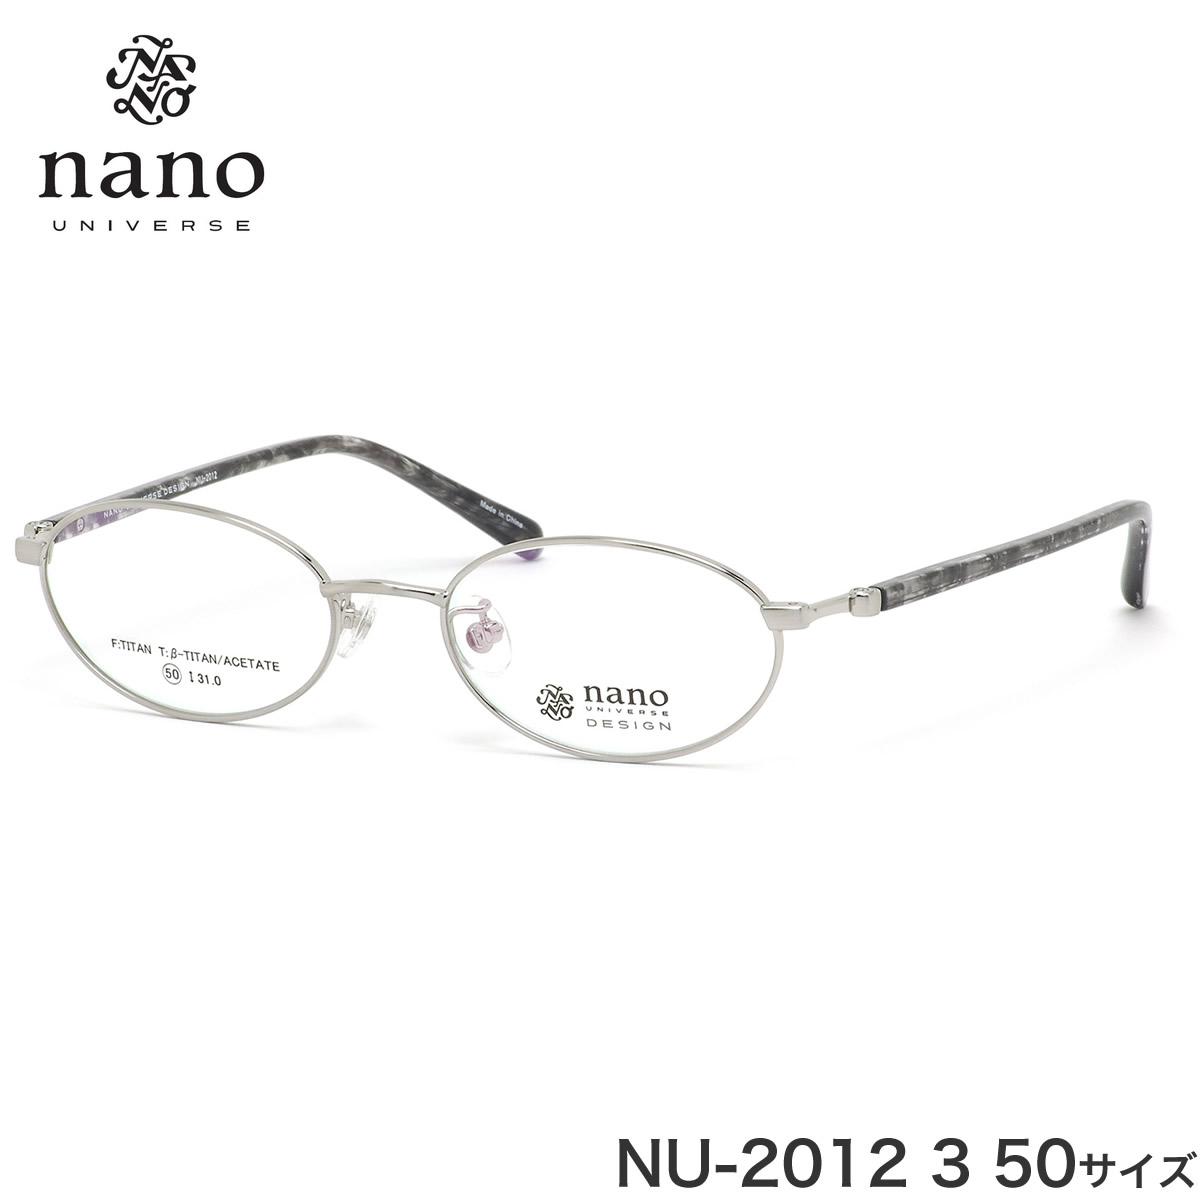 ナノ・ユニバース nano UNIVERSE メガネ NU-2012 3 50サイズ 軽い おしゃれ べっ甲 ハバナ ナノ・ユニバースnanoUNIVERSE メンズ レディース